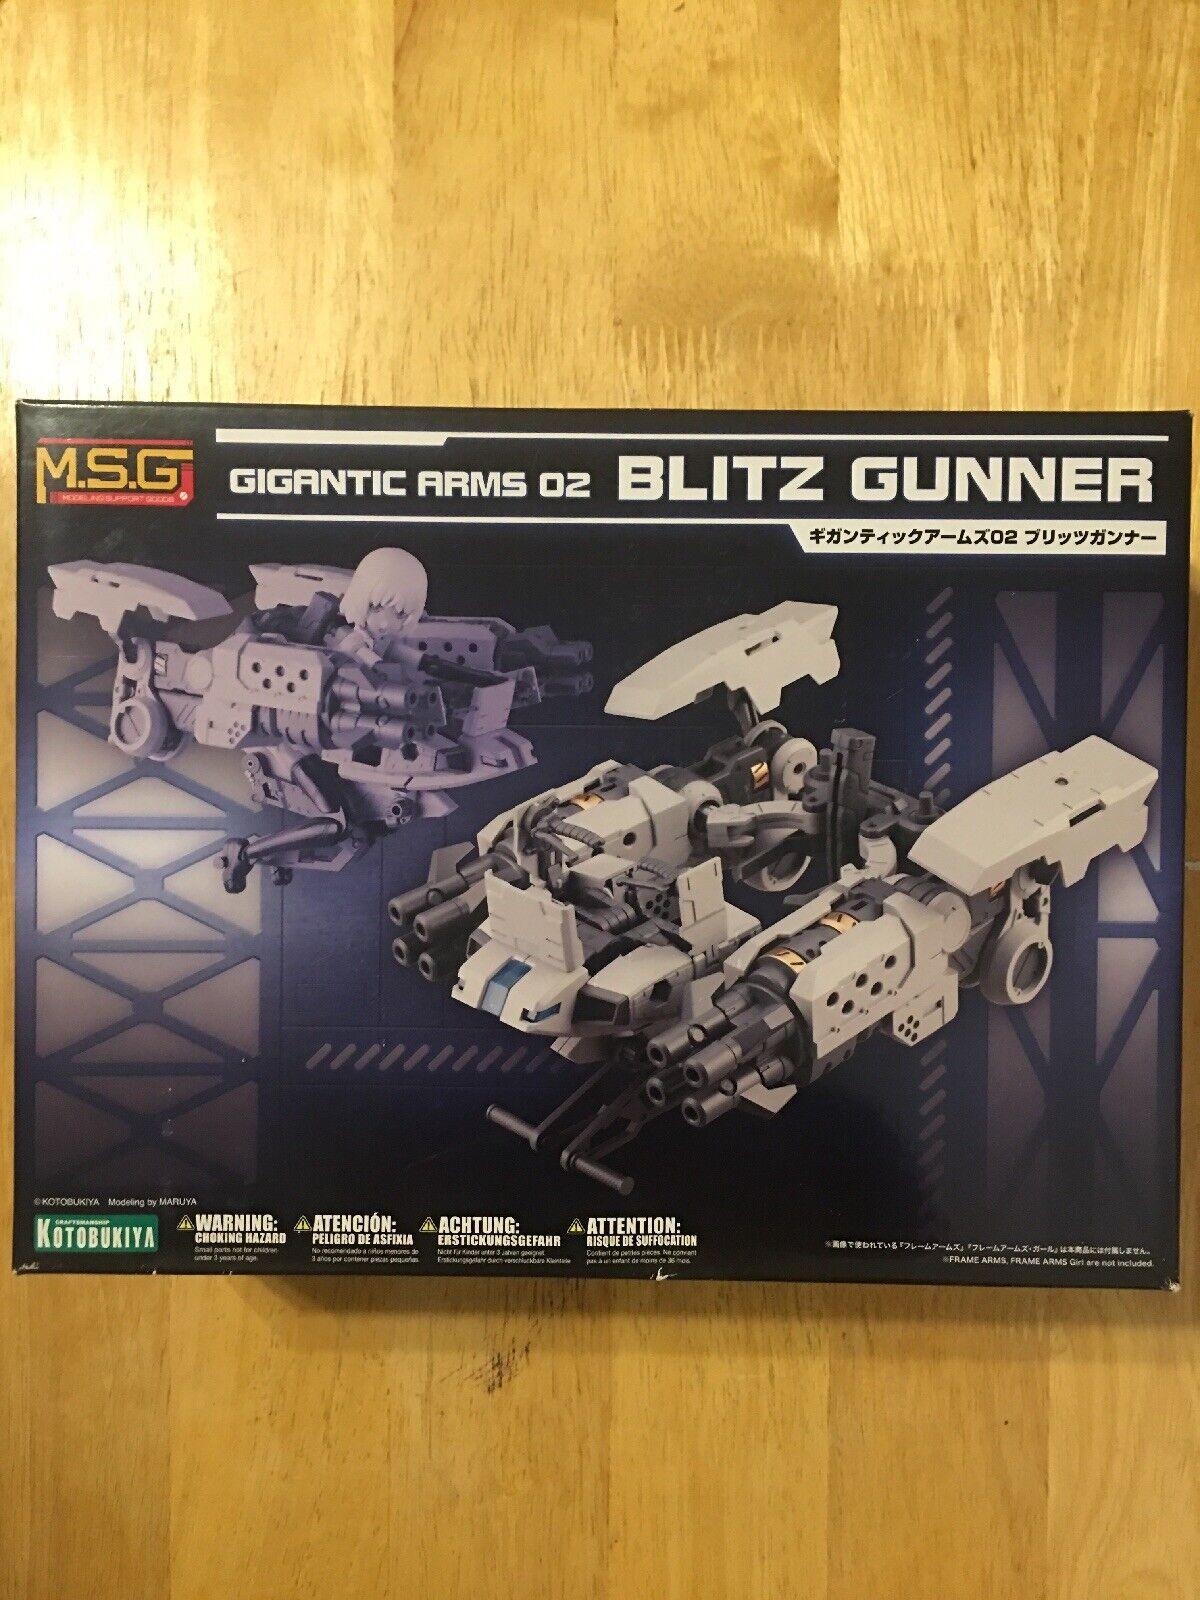 Kotobukiya MSG Frame Arms Gigantic 02   Blitz Gunner Plastic Model Kit  populaire